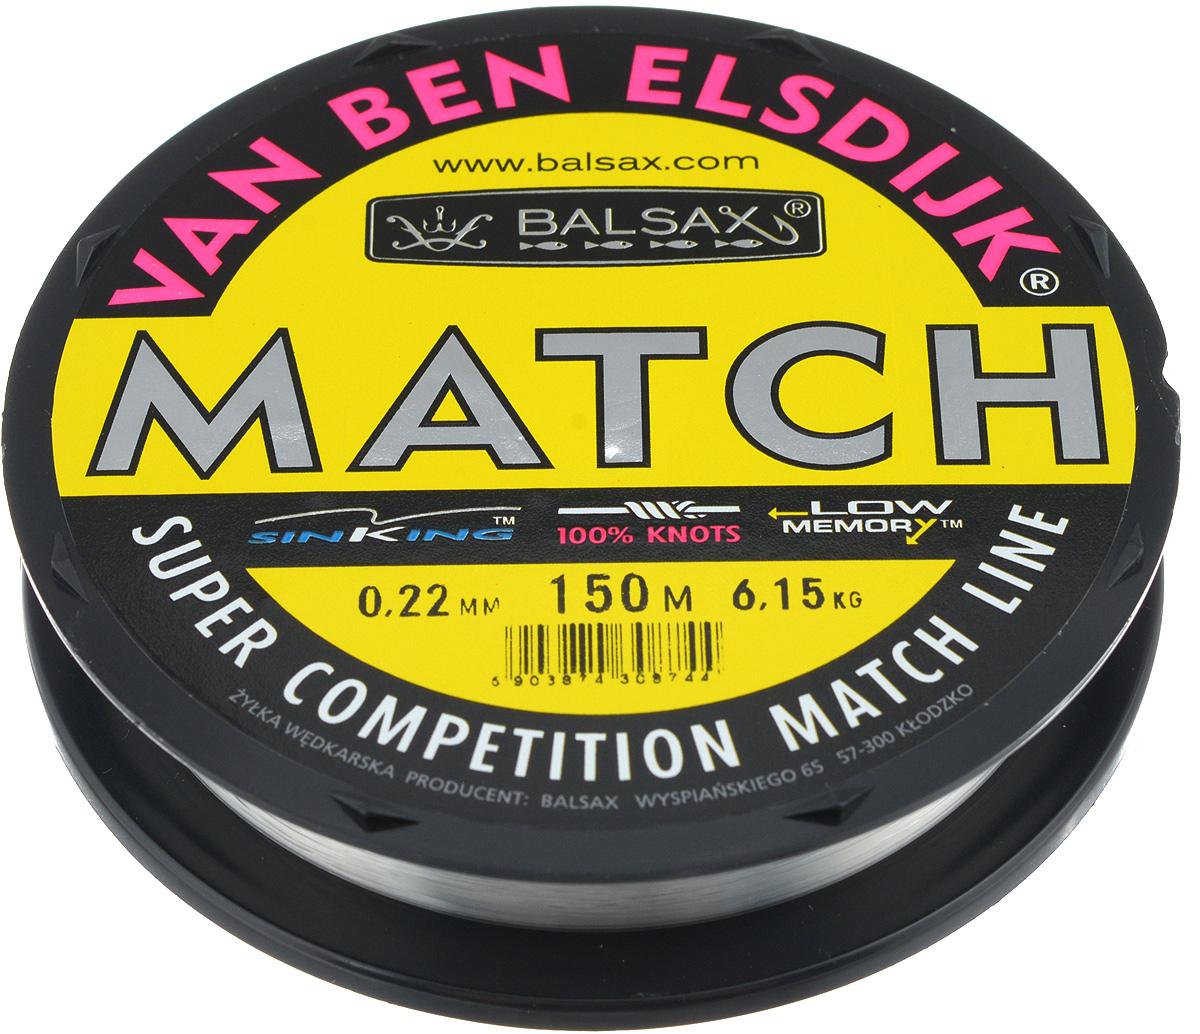 Леска Balsax Match VBE, 150 м, 0,22 мм, 6,15 кг304-10022Опытным спортсменам, участвующим в соревнованиях, нужна надежная леска, в которой можно быть уверенным в любой ситуации. Леска Balsax Match VBE отличается замечательной прочностью на узле и высокой сопротивляемостью к истиранию. Она была проверена на склонность к остаточным деформациям, чтобы убедиться в том, что она обладает наиболее подходящей растяжимостью, отвечая самым строгим требованиям рыболовов. Такая леска отлично подходит как для спортивного, так и для любительского рыболовства.